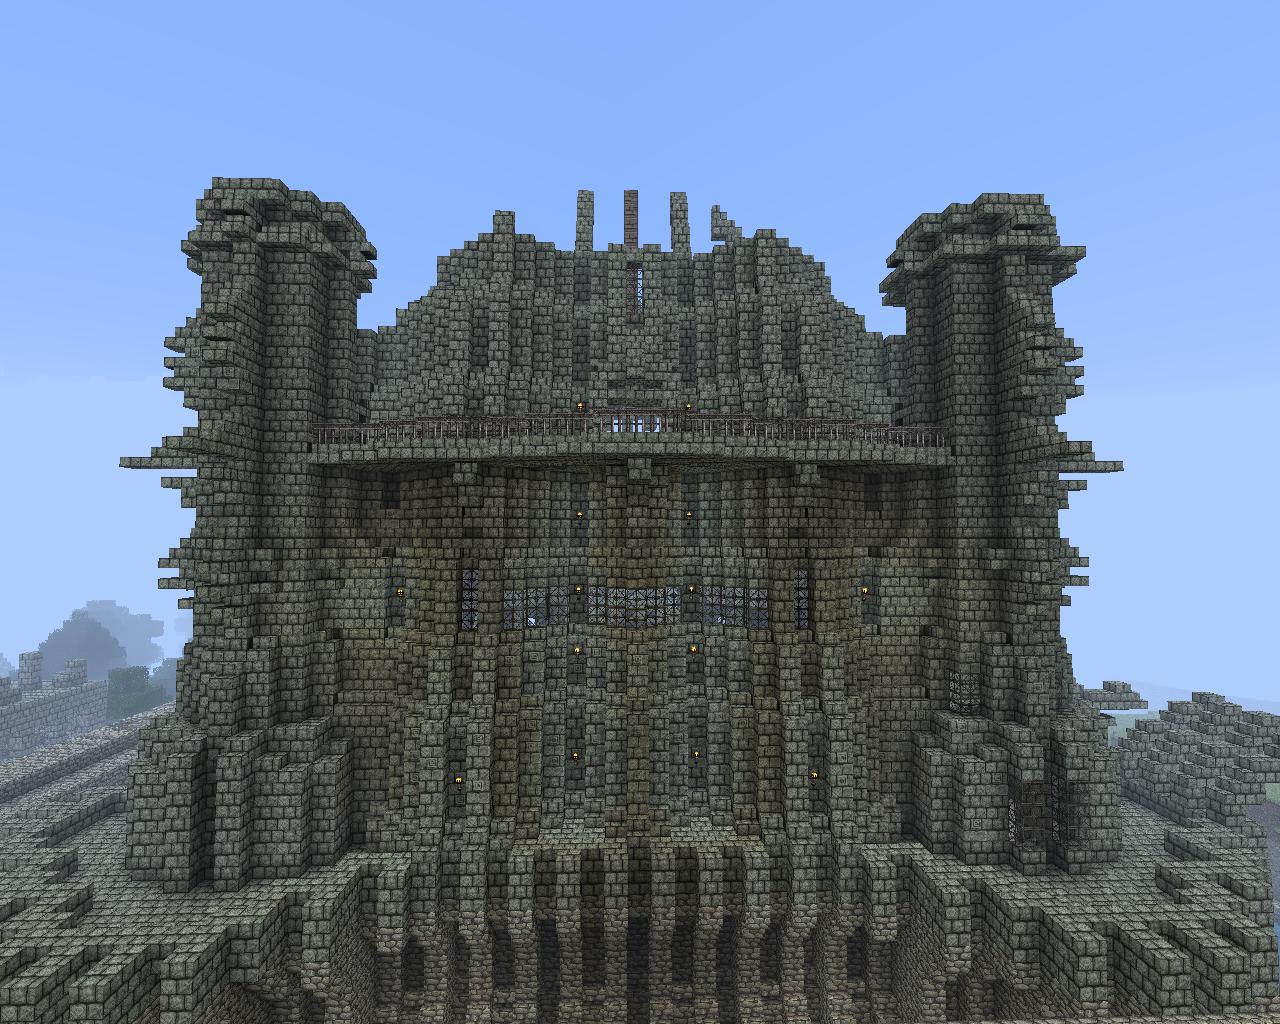 Minecraft механизмы Кодовый замок Сайт о игре Minecraft.  Схема постройки дома в майнкрафт.